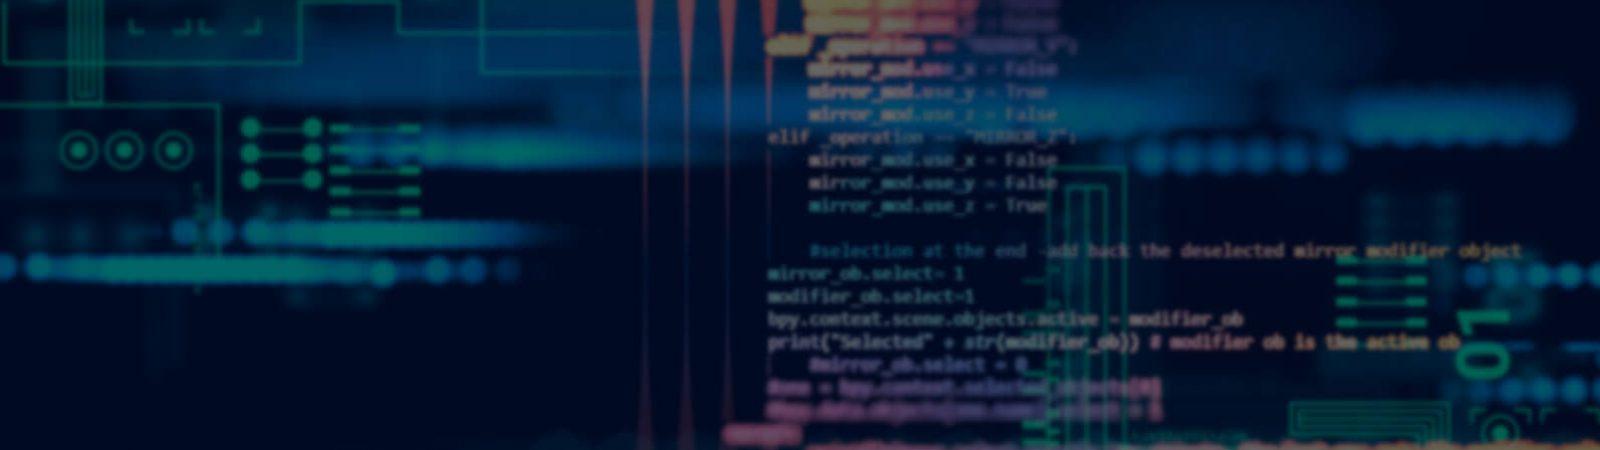 DevOps_Solutions_HeroBanner_1